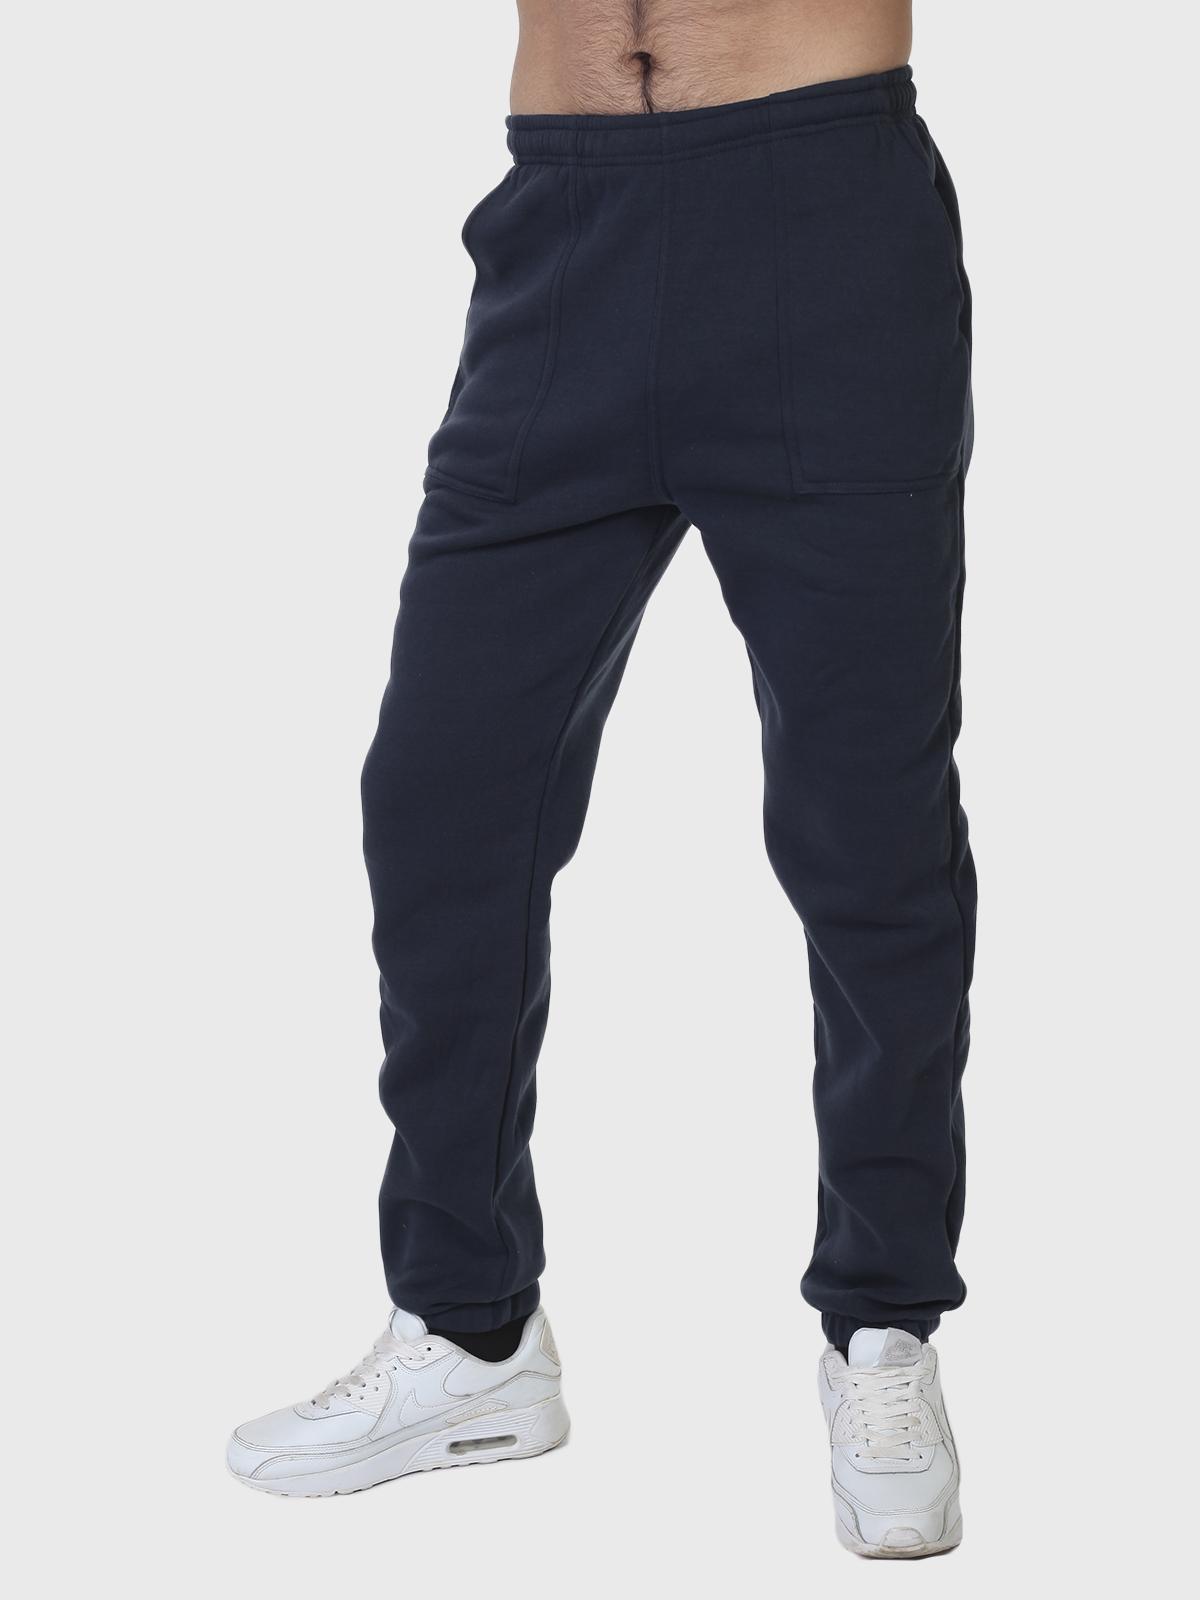 Утепленные спортивные штаны для мужчин (Lowes, Австралия) заказать в Военпро